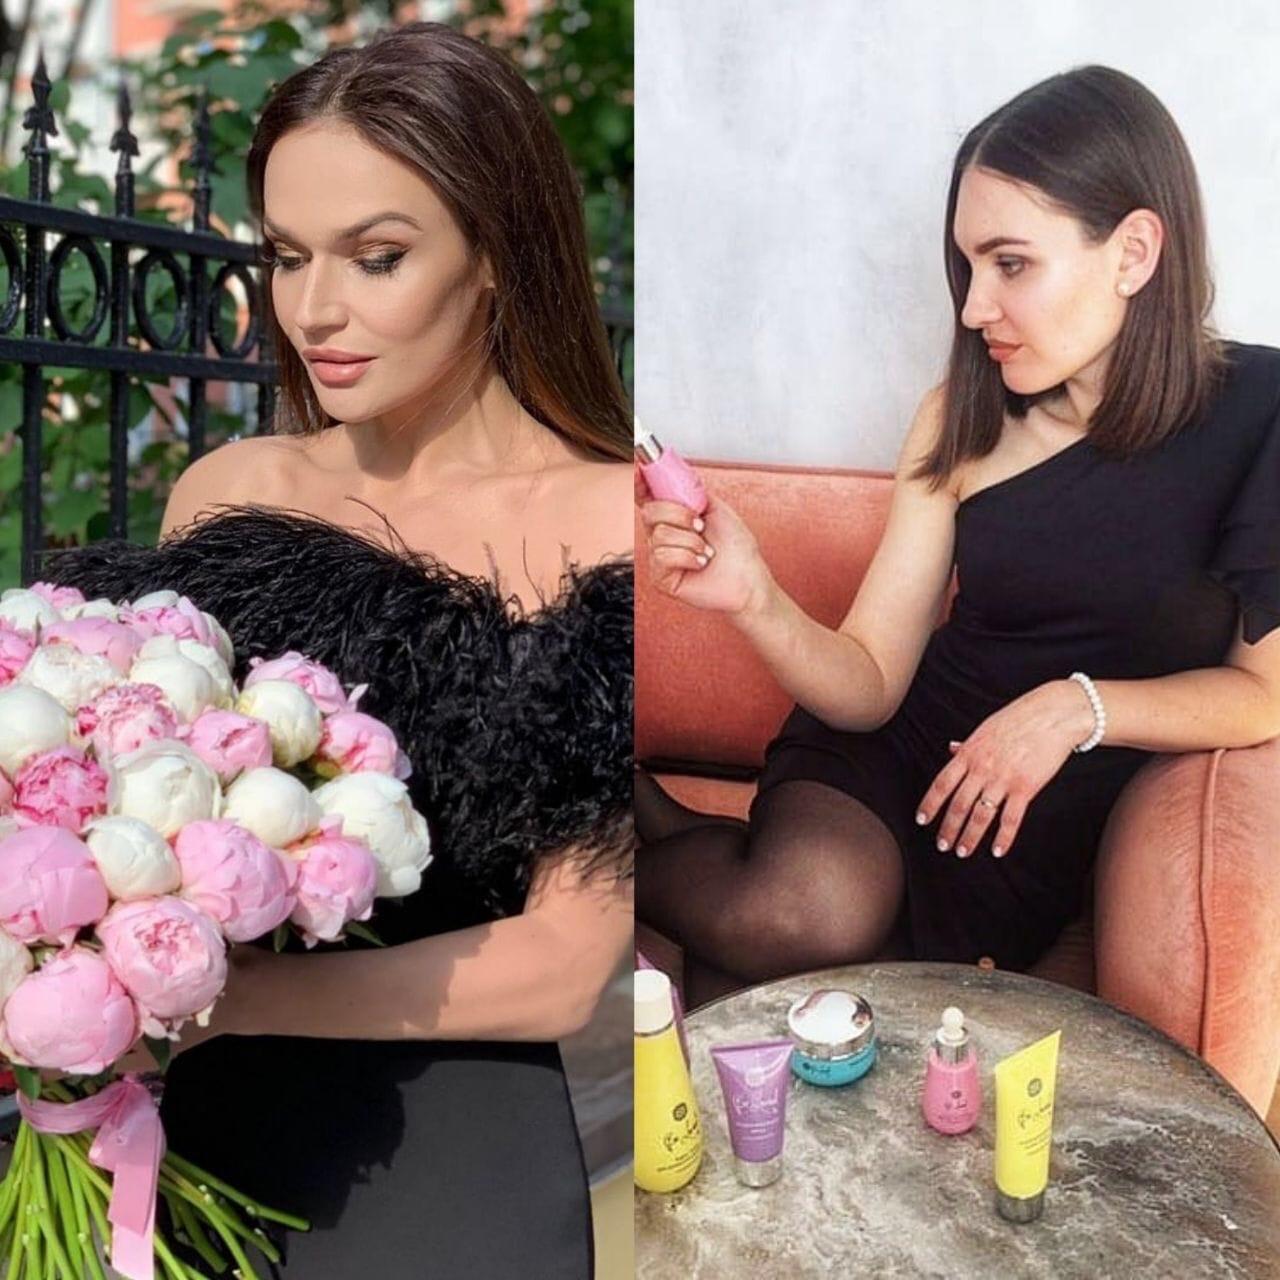 Юлия говорит, что ей приятно сходство с популярной телеведущей